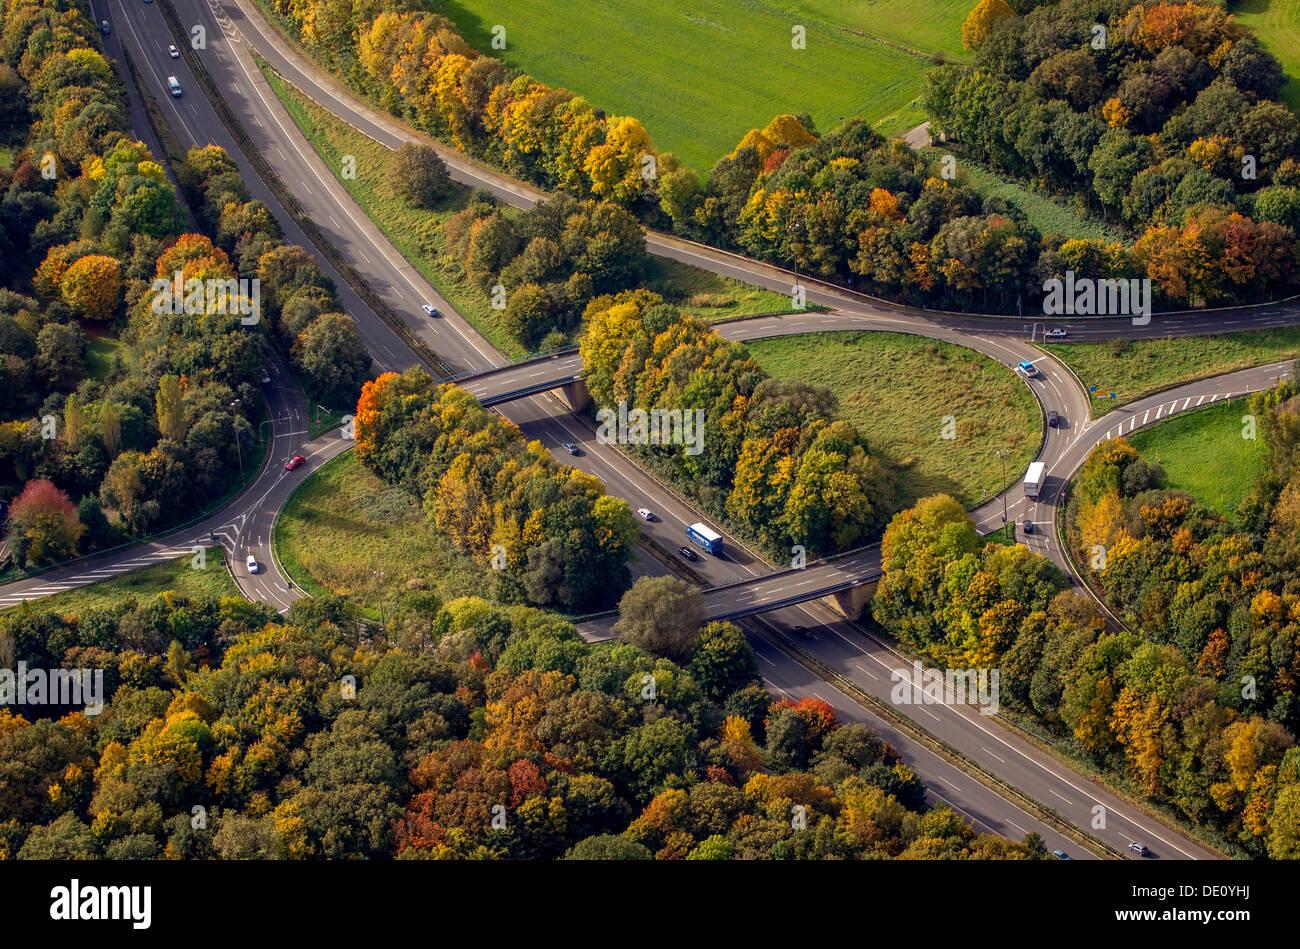 Aerial view, B224 highway exit, autumn, Gelsenkirchen, Ruhr region, North Rhine-Westphalia - Stock Image